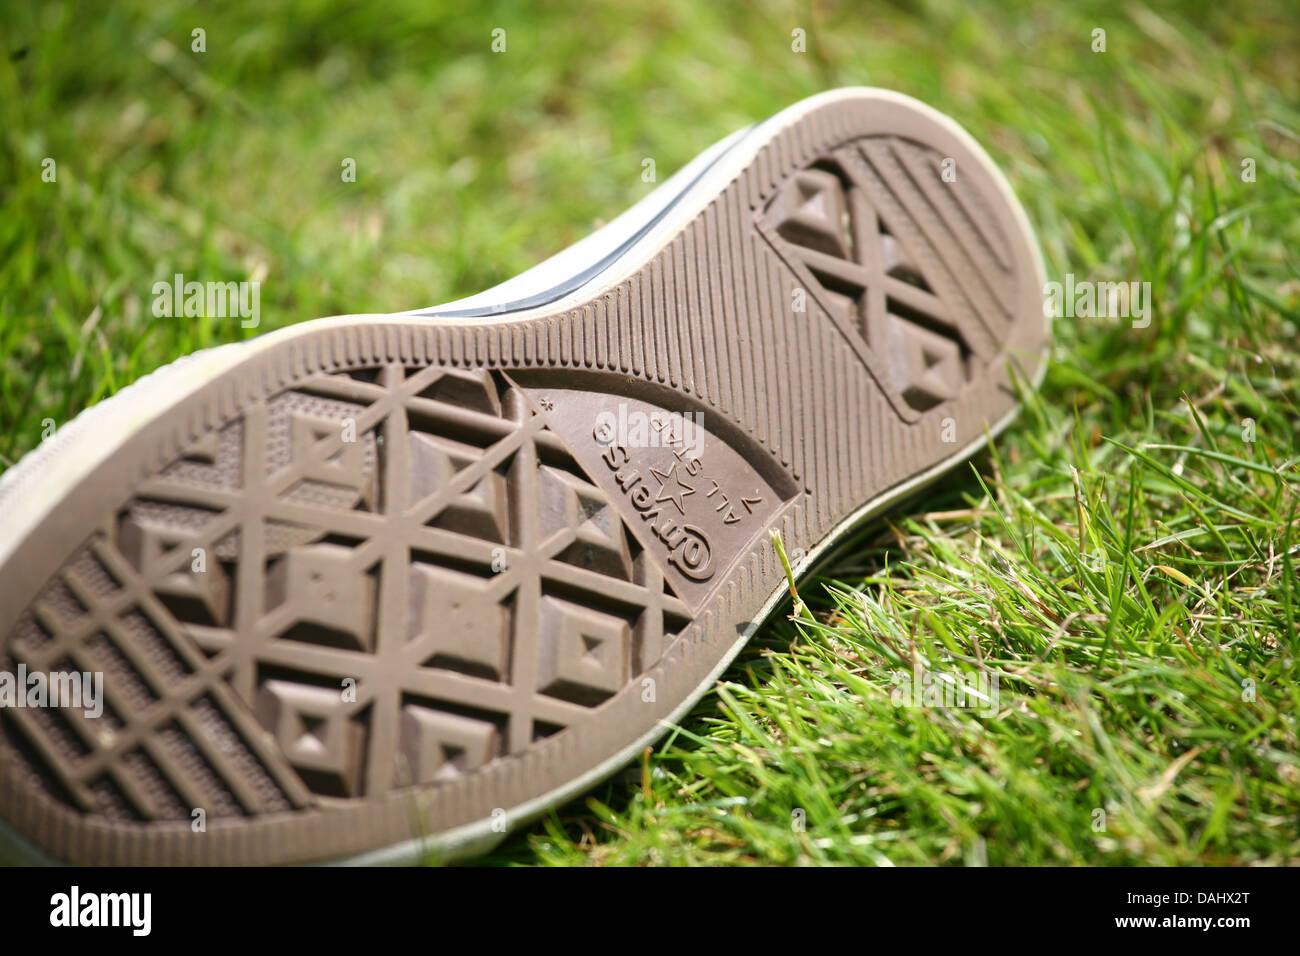 Converse zapatillas de entrenamiento sobre hierba. poca